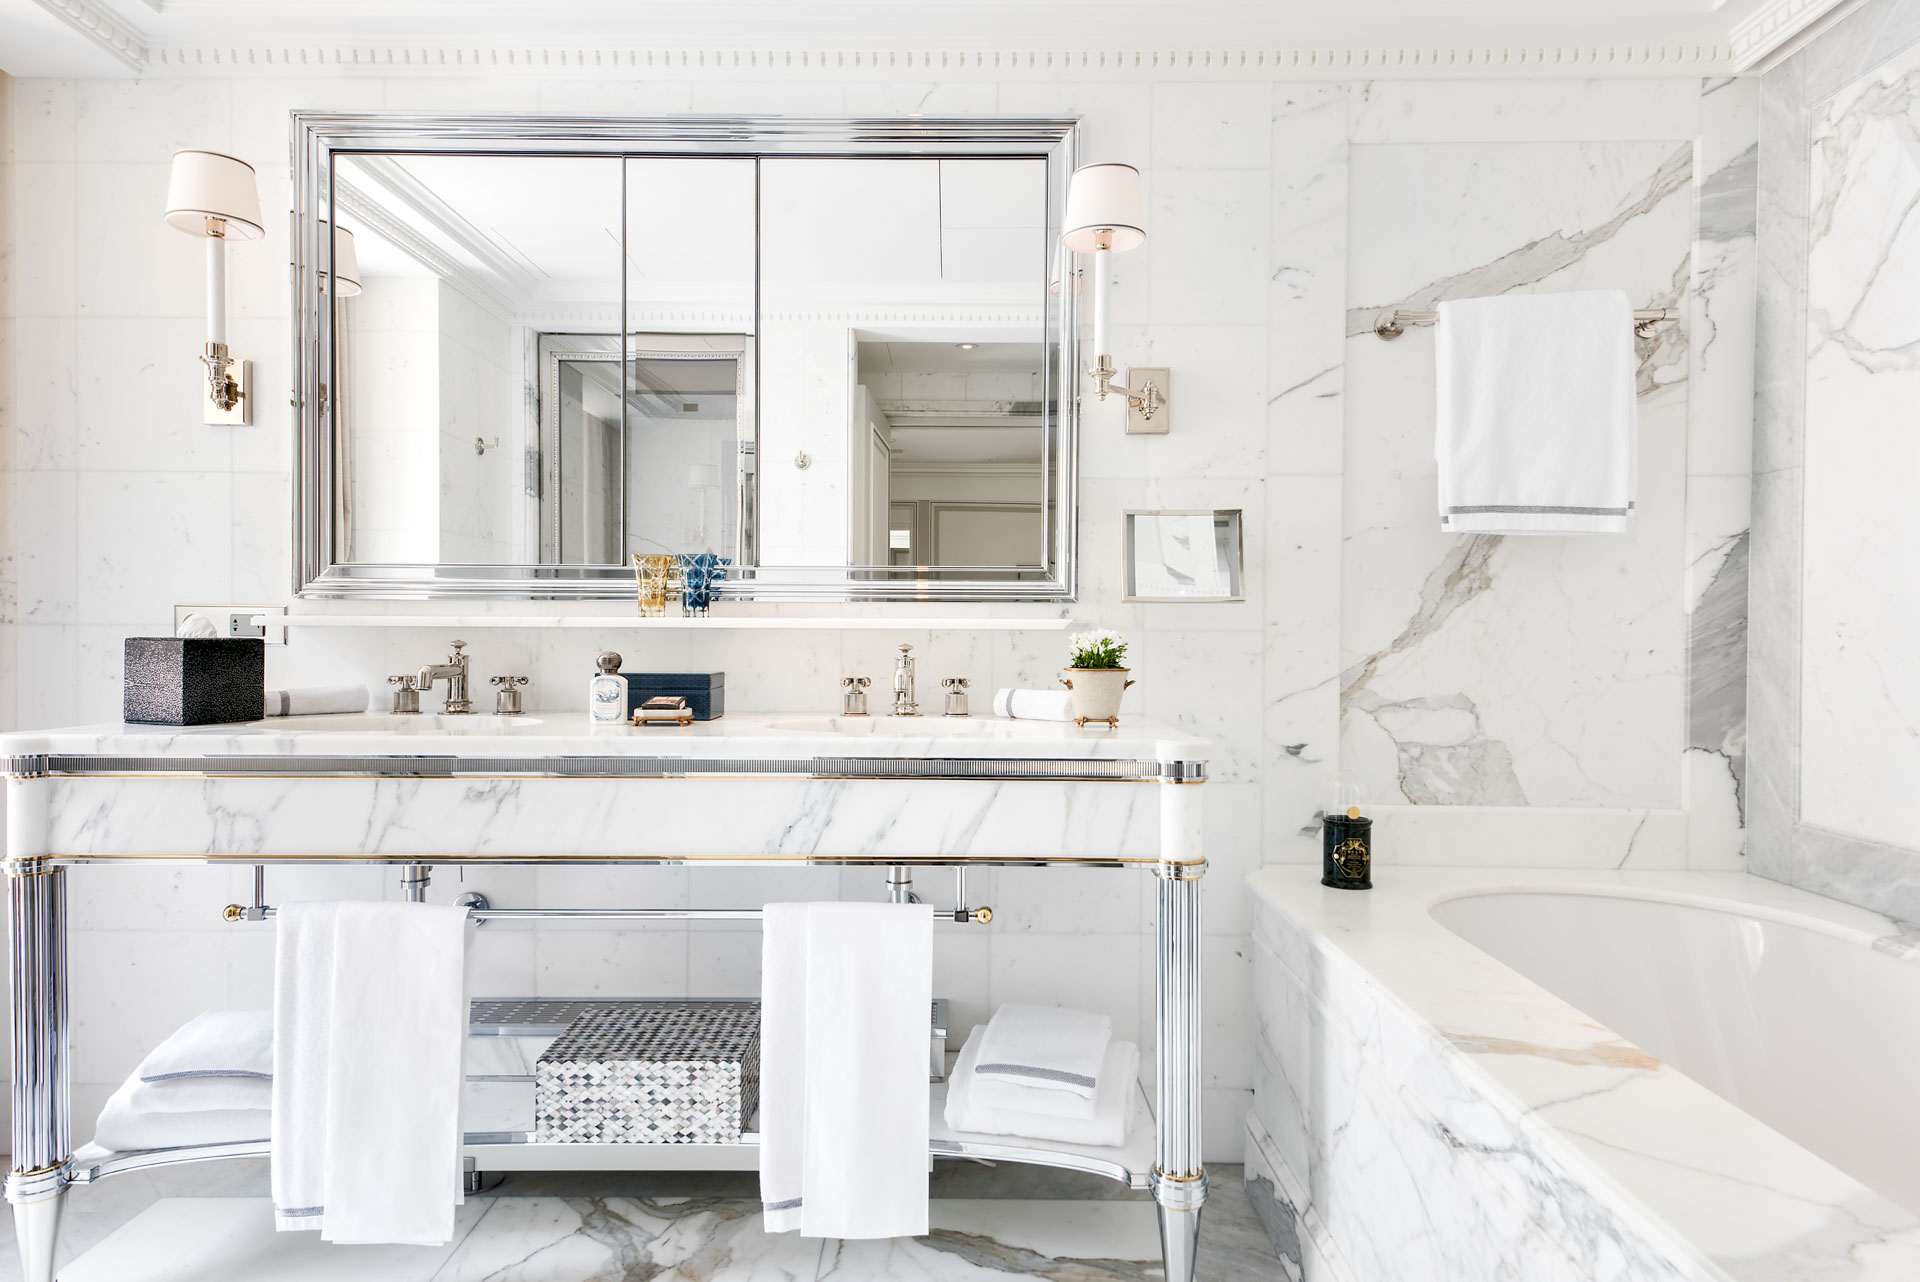 Mobilier sur mesure, détail de décoration ultra raffinés, matériaux nobles, ces suites montrent le souci du luxe qui a guidé la rénovation de l'hôtel